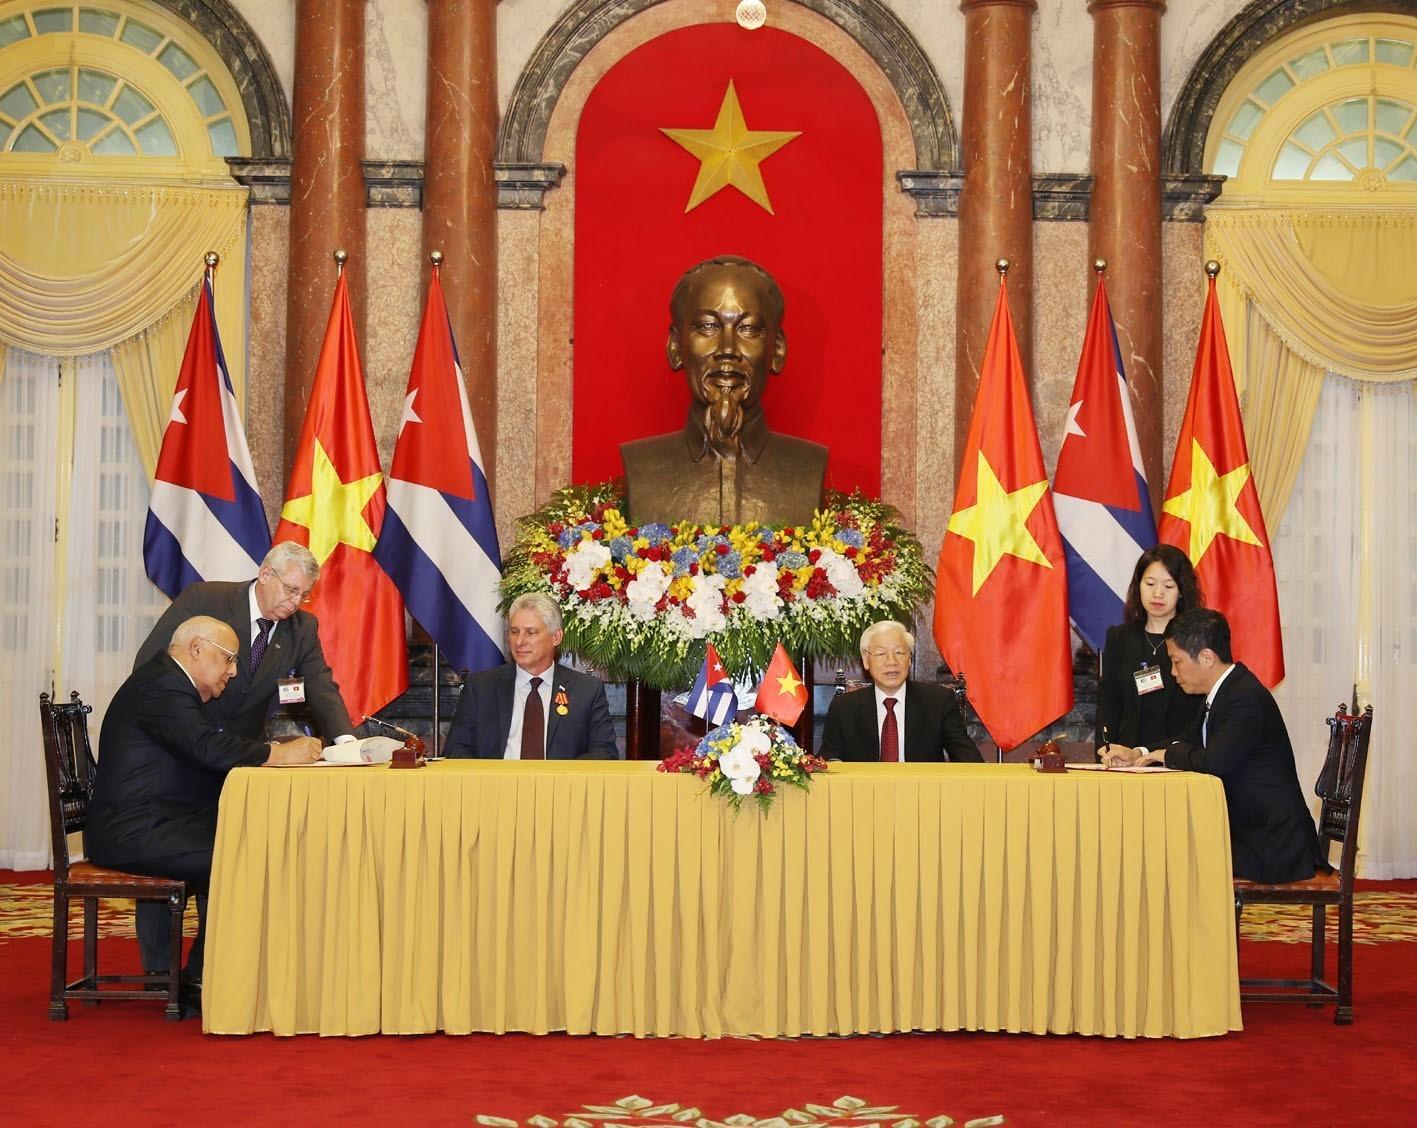 Xóa bỏ hoặc cắt giảm thuế đối với gần 100% mặt hàng nhập khẩu từ thị trường hai nước Việt Nam - Cuba